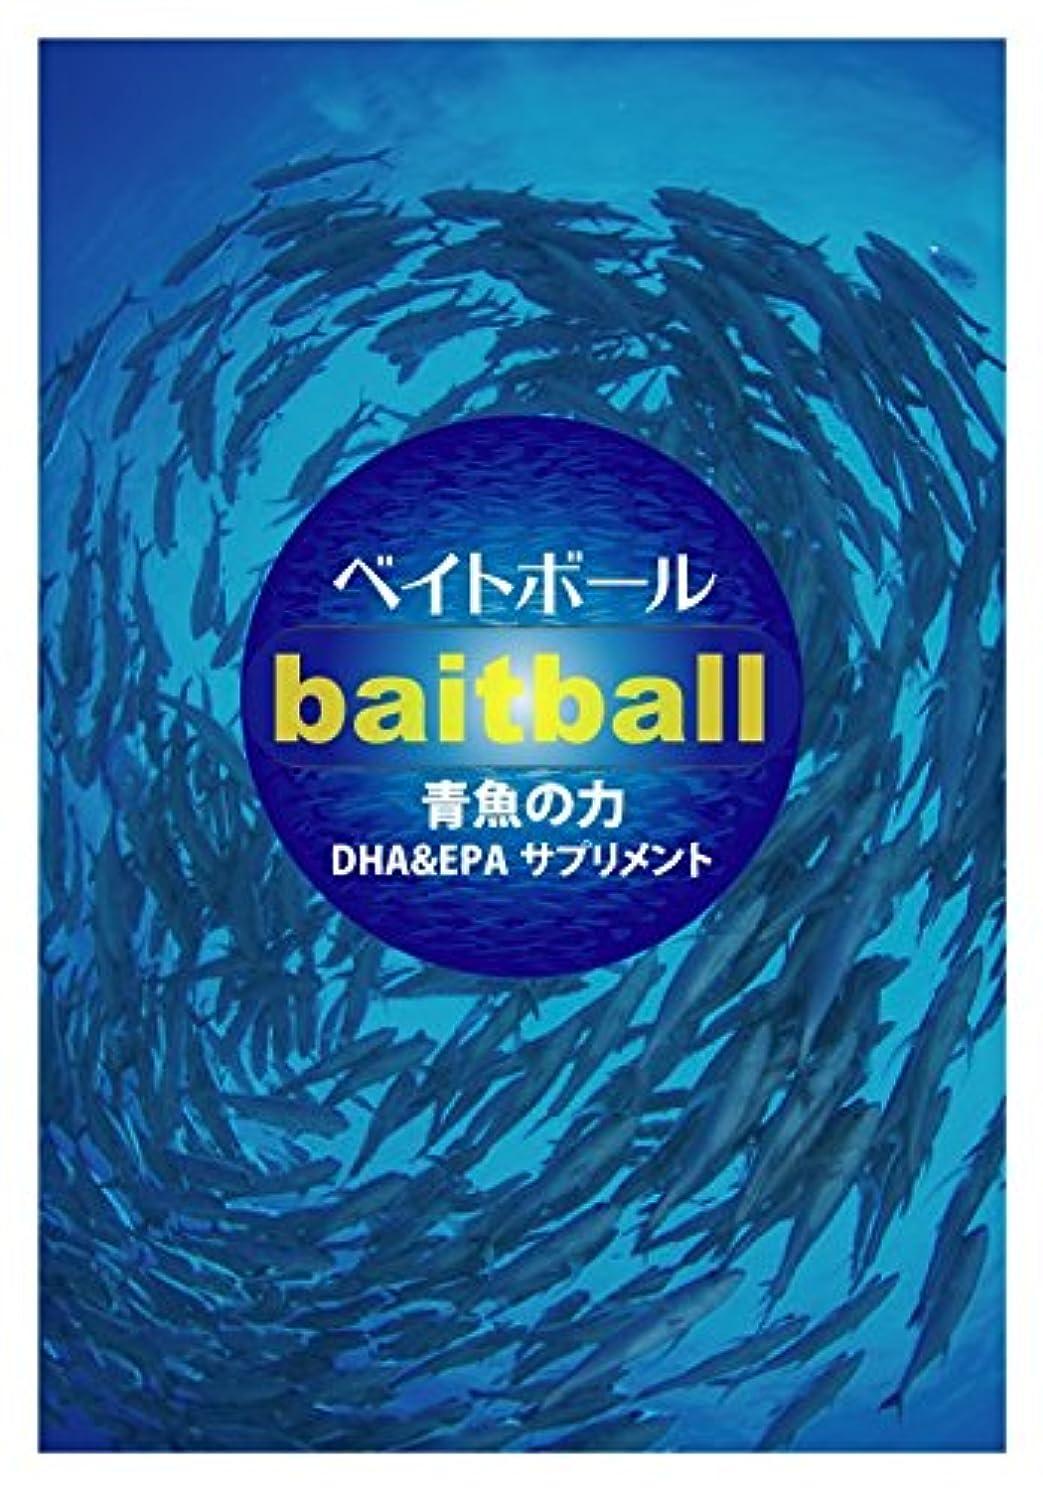 追放九マチュピチュベイトボール 青魚のちから DHA&EPAサプリメント